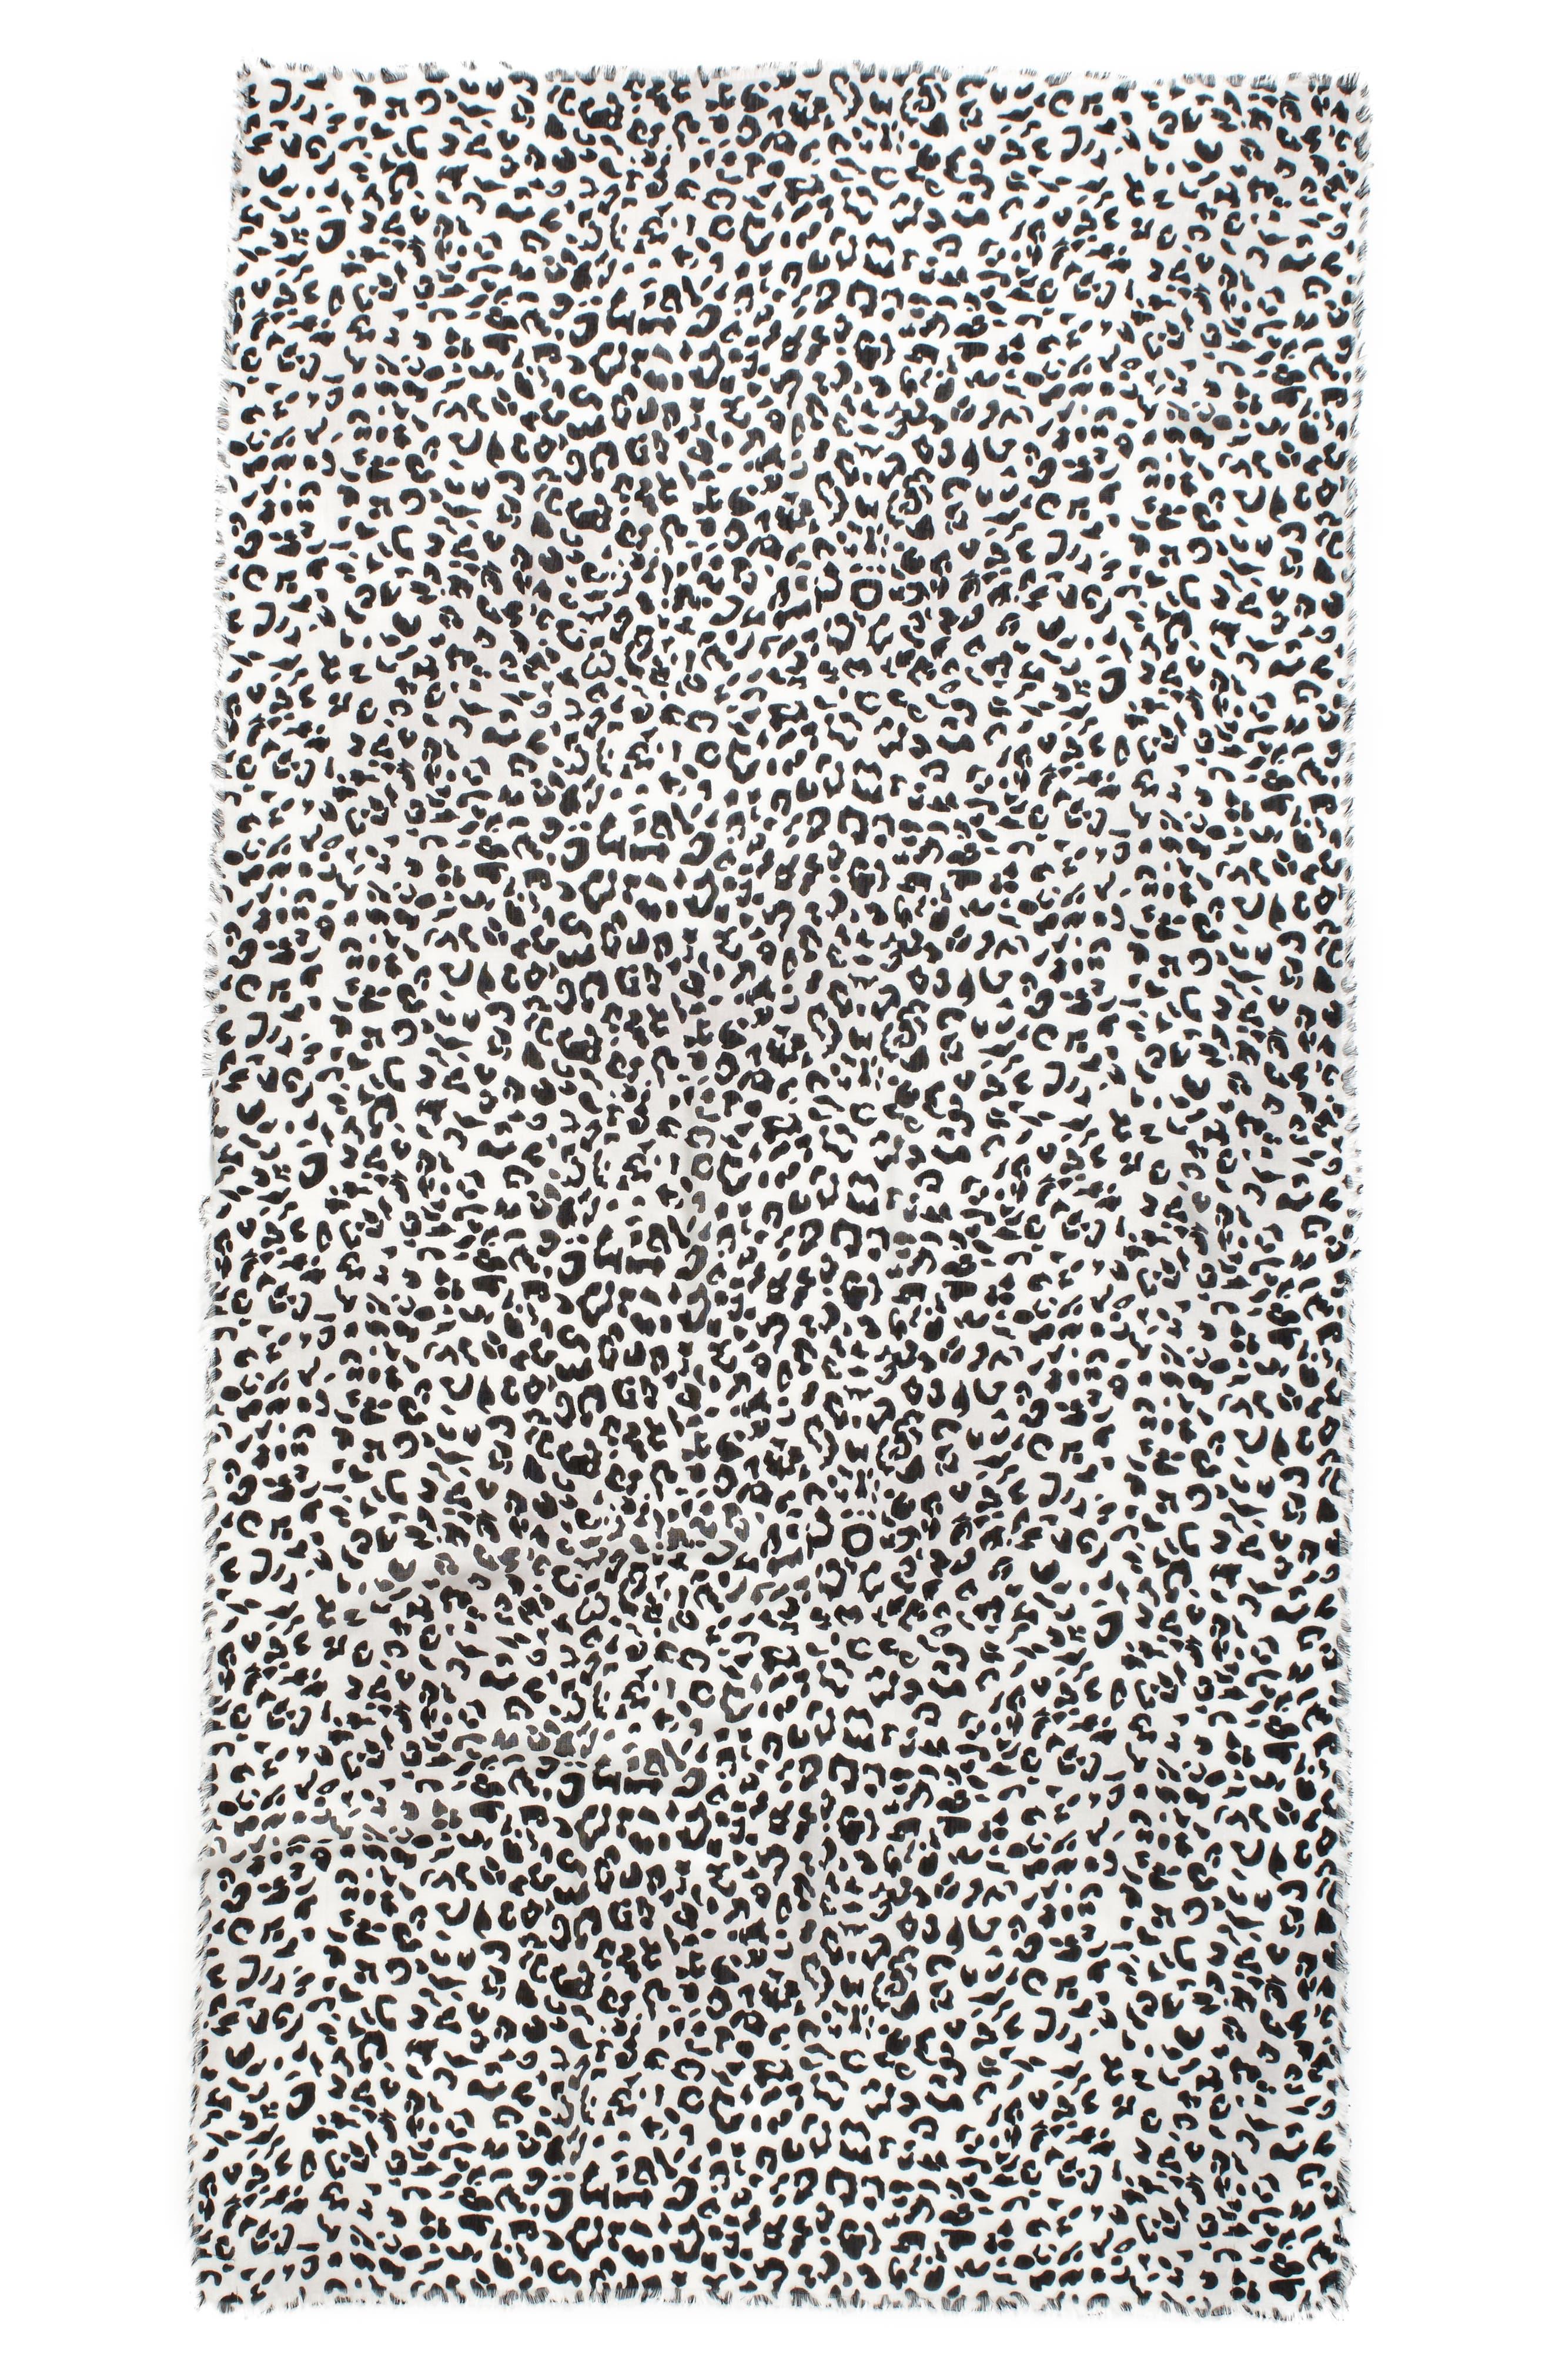 Leopard Print Wrap,                             Alternate thumbnail 2, color,                             001